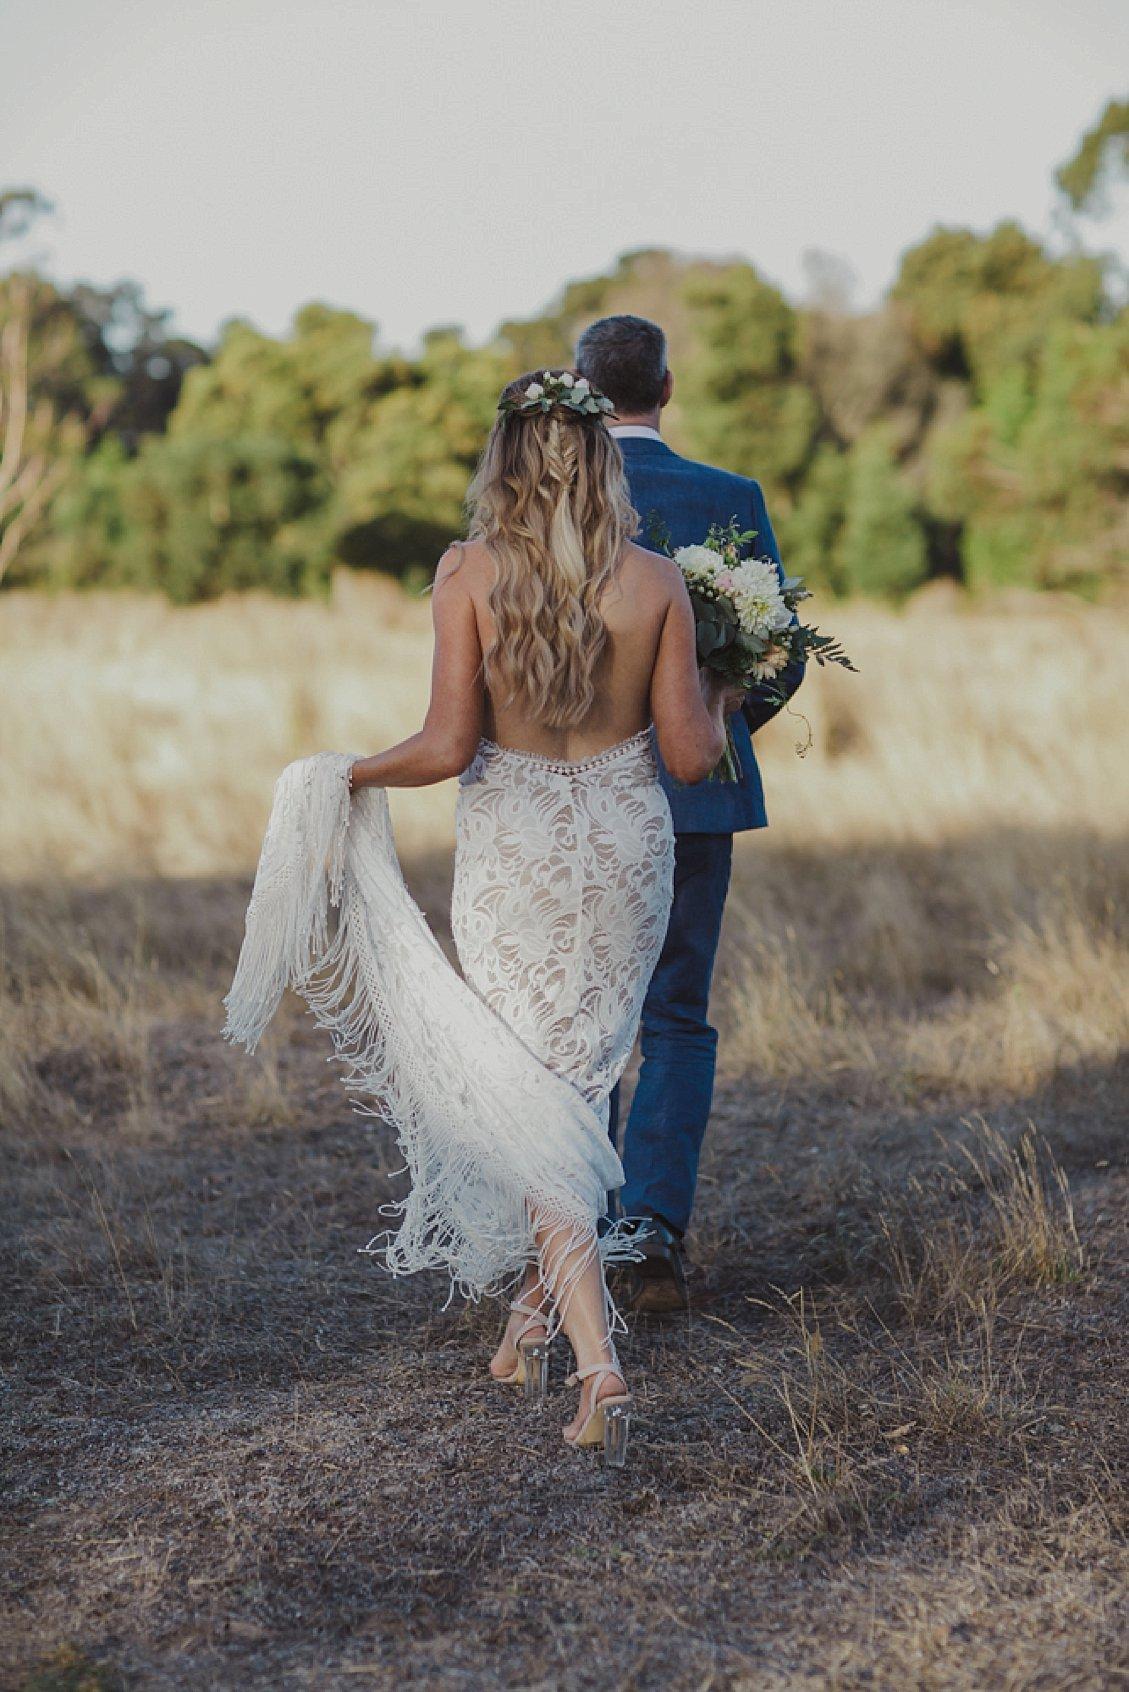 margaret-river-wedding-photographer-73.jpg